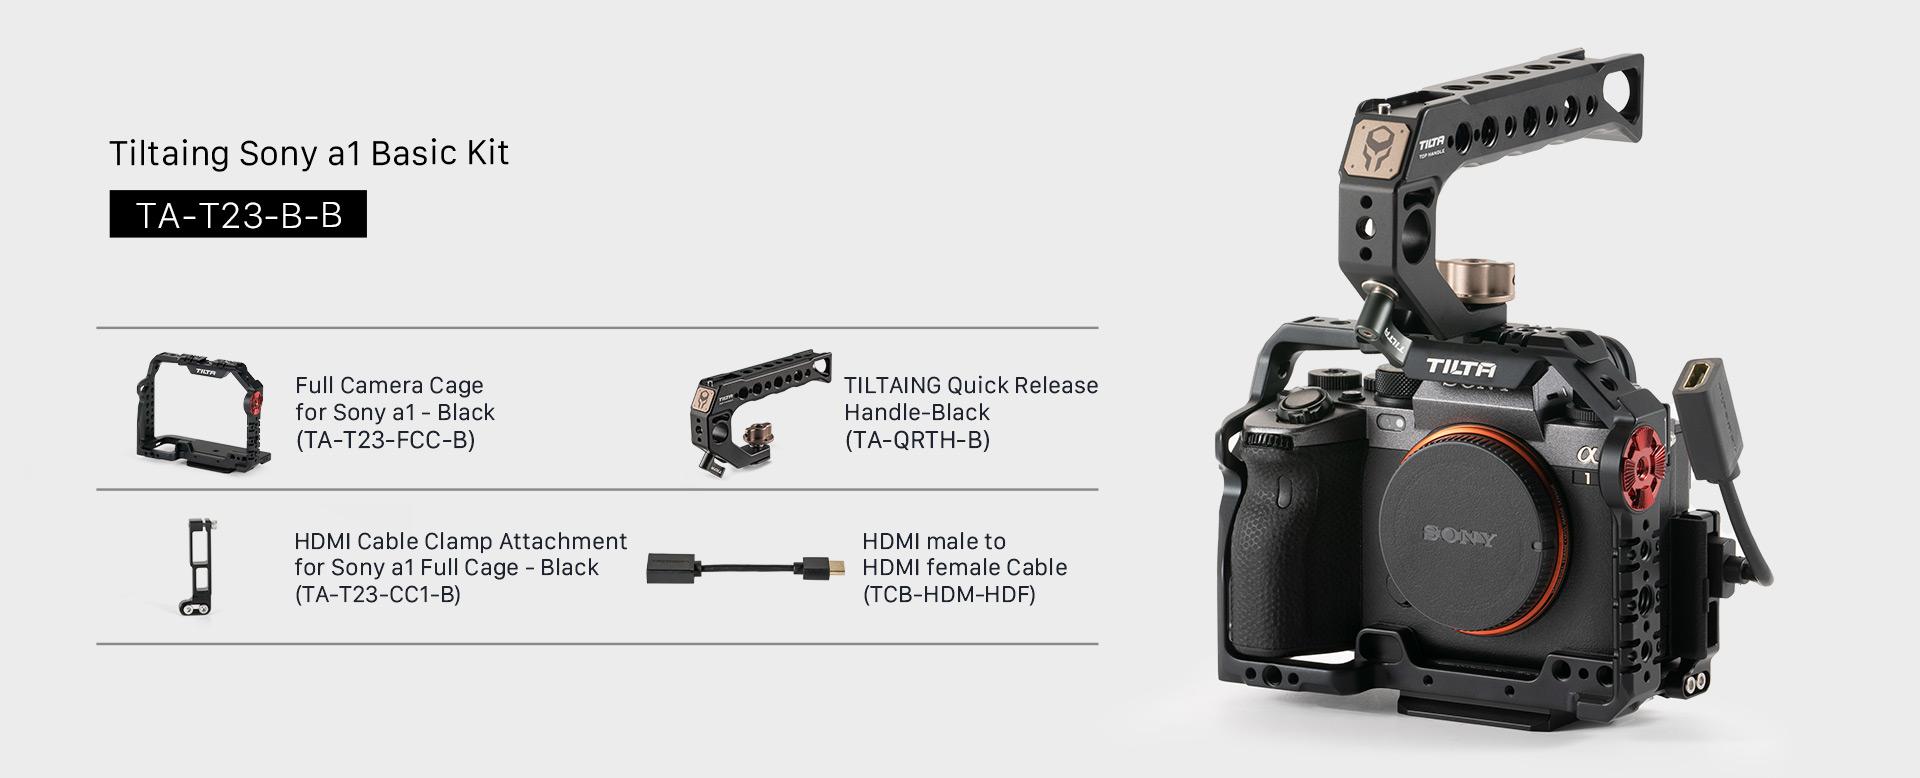 Tiltaing Sony a1 Basic Kit